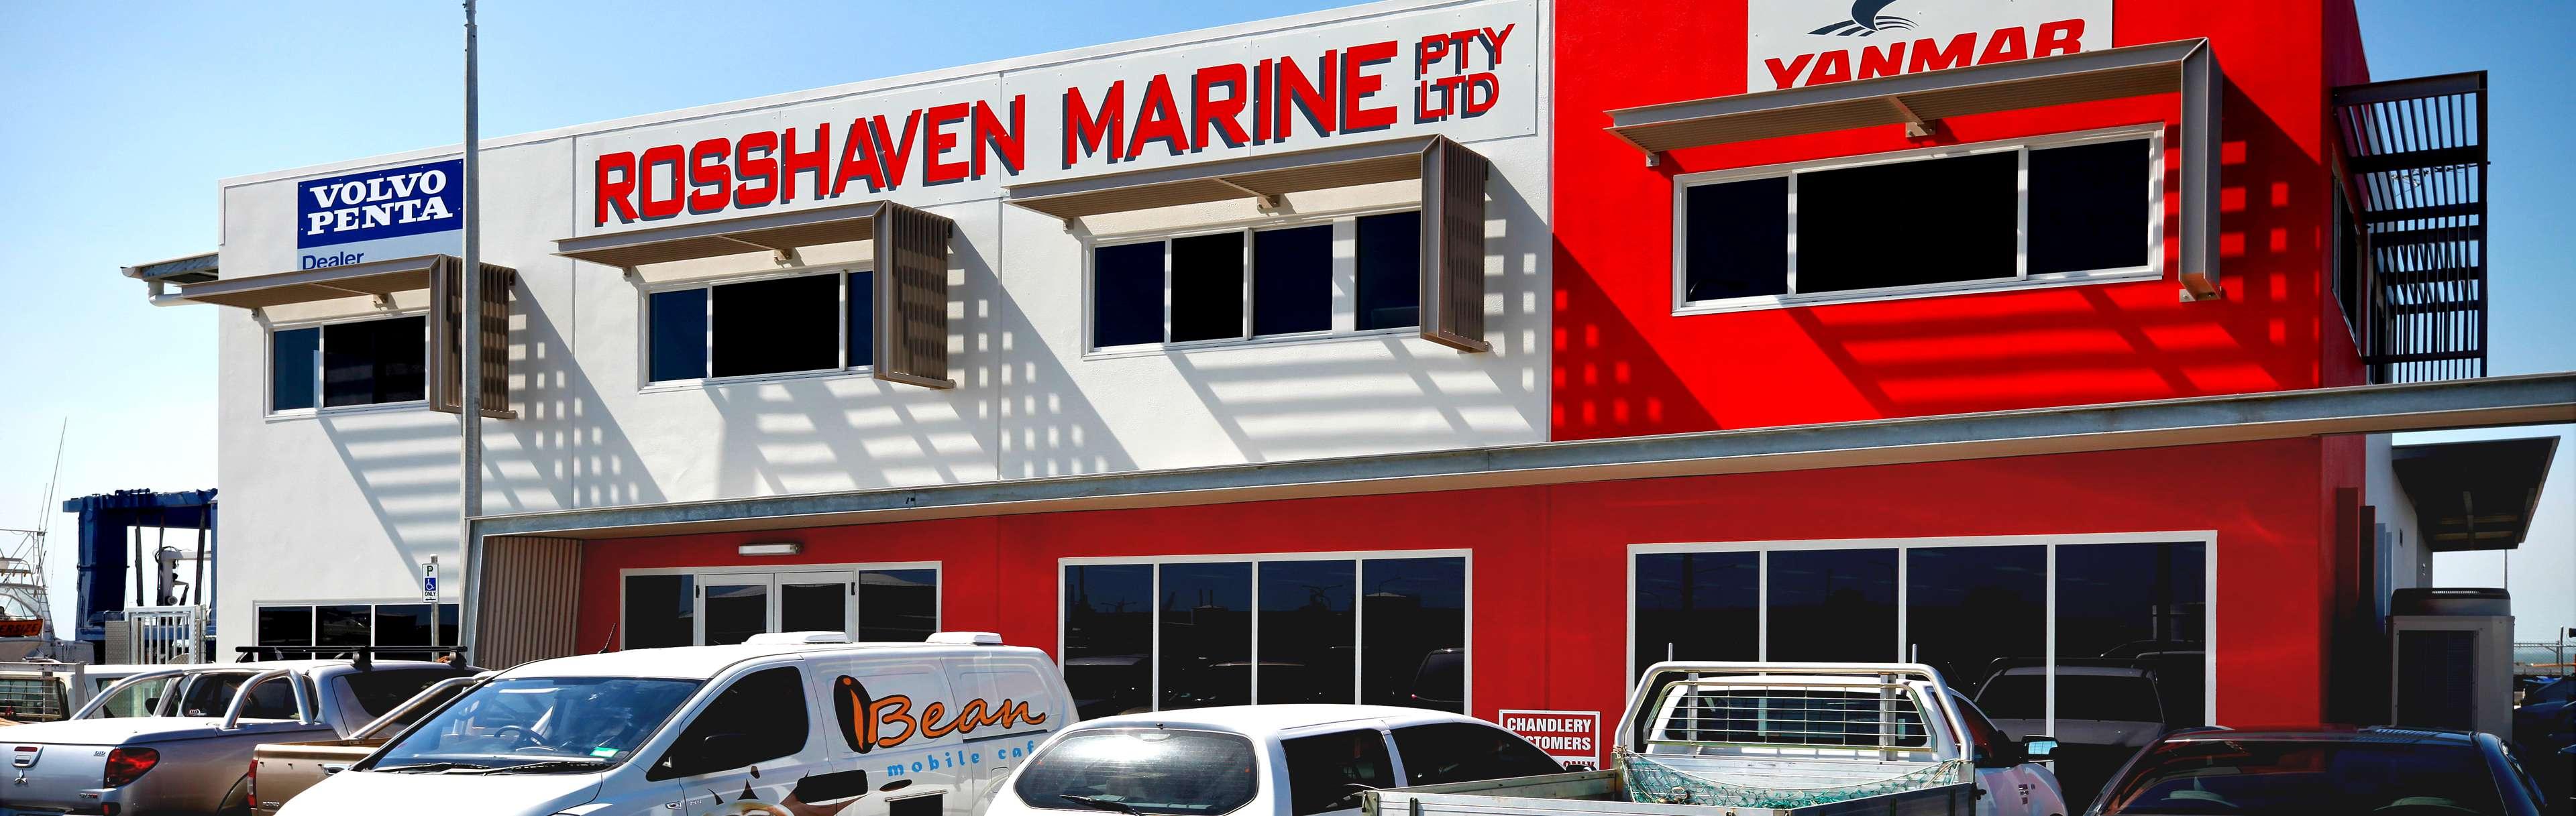 Rosshaven Marine Townsville